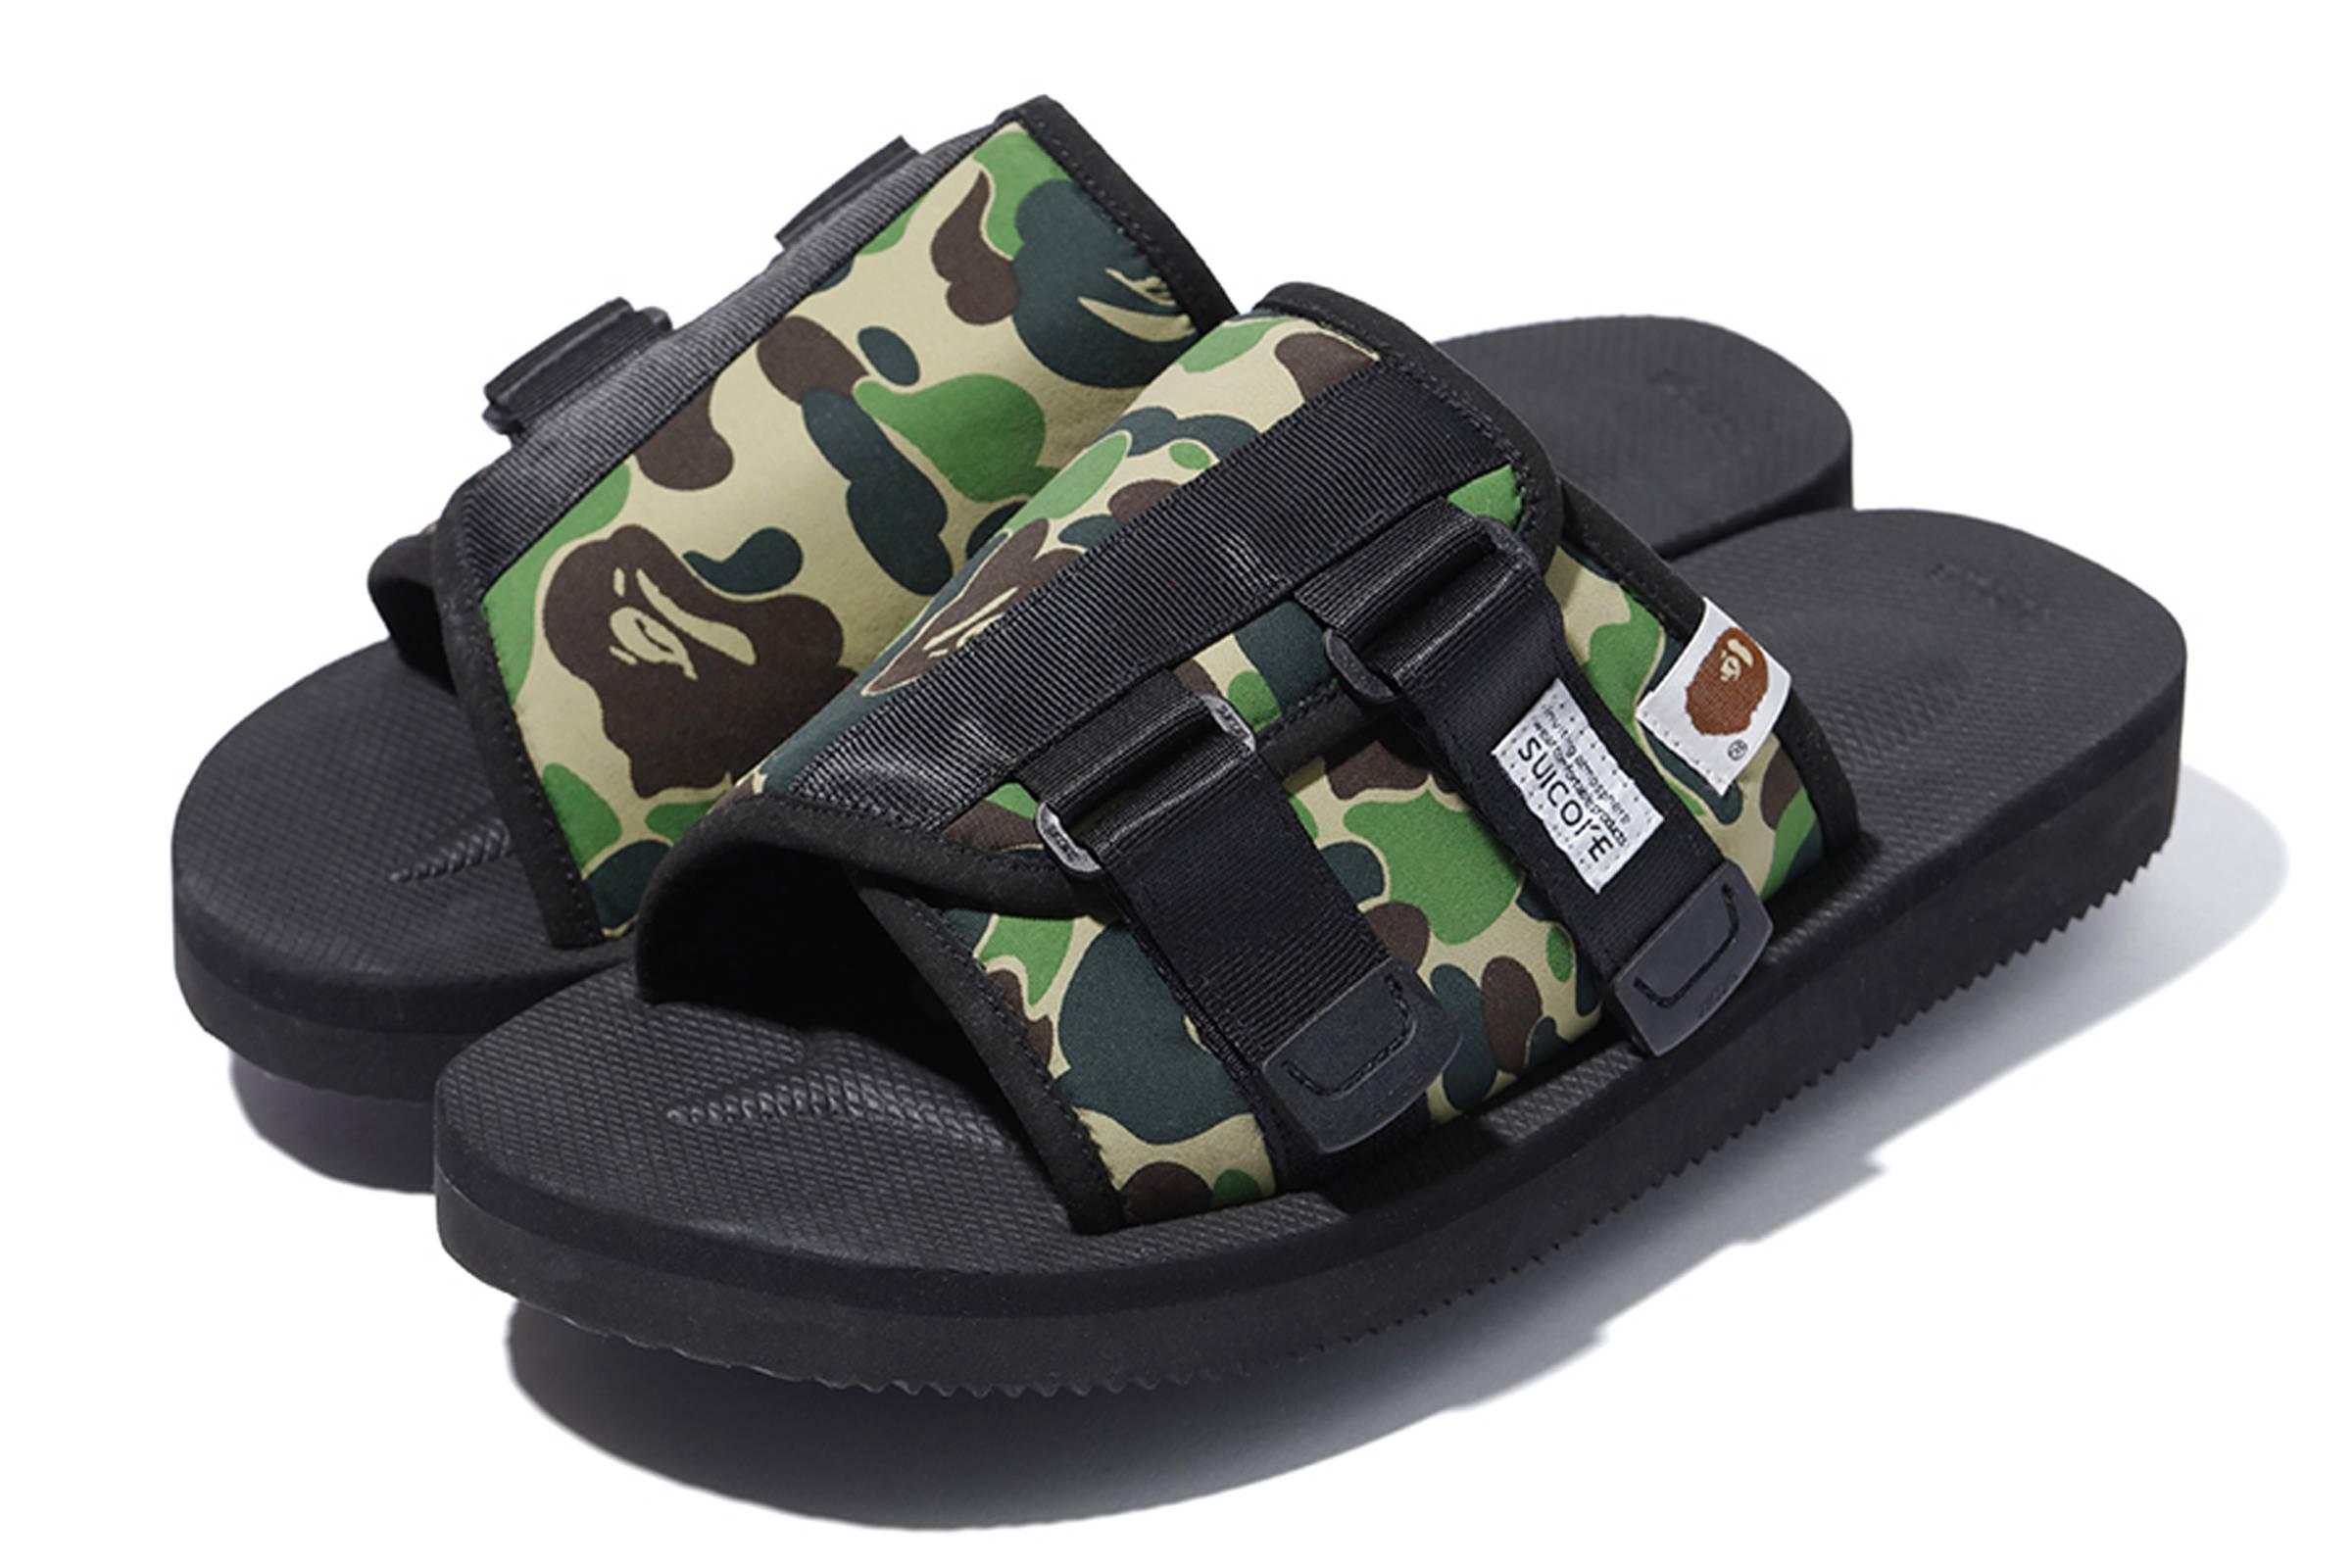 BAPE x Suicoke KAW-APE sandals